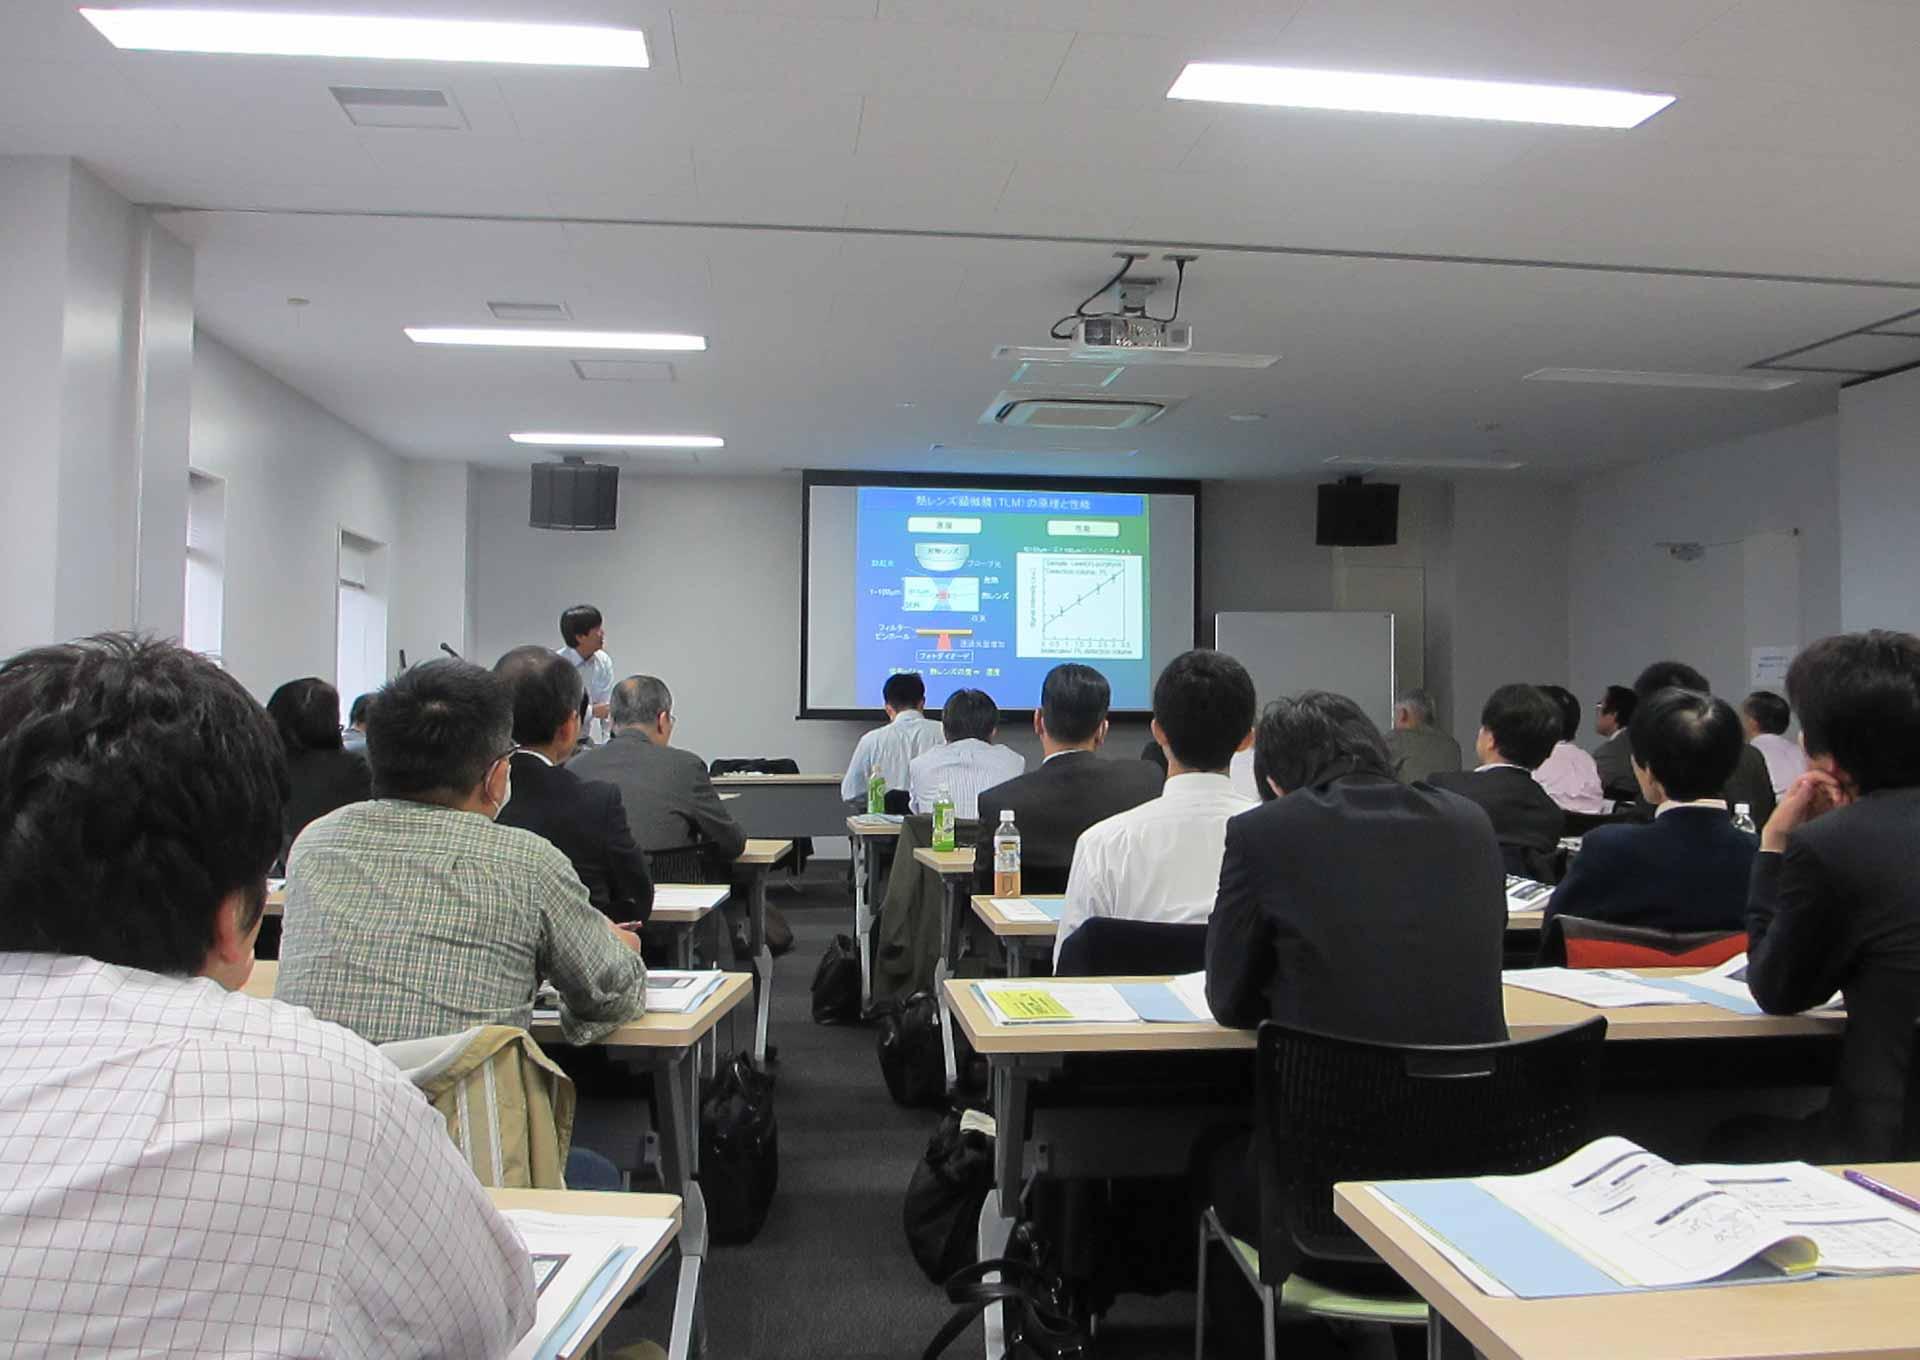 セミナー・講座を開催に関する画像